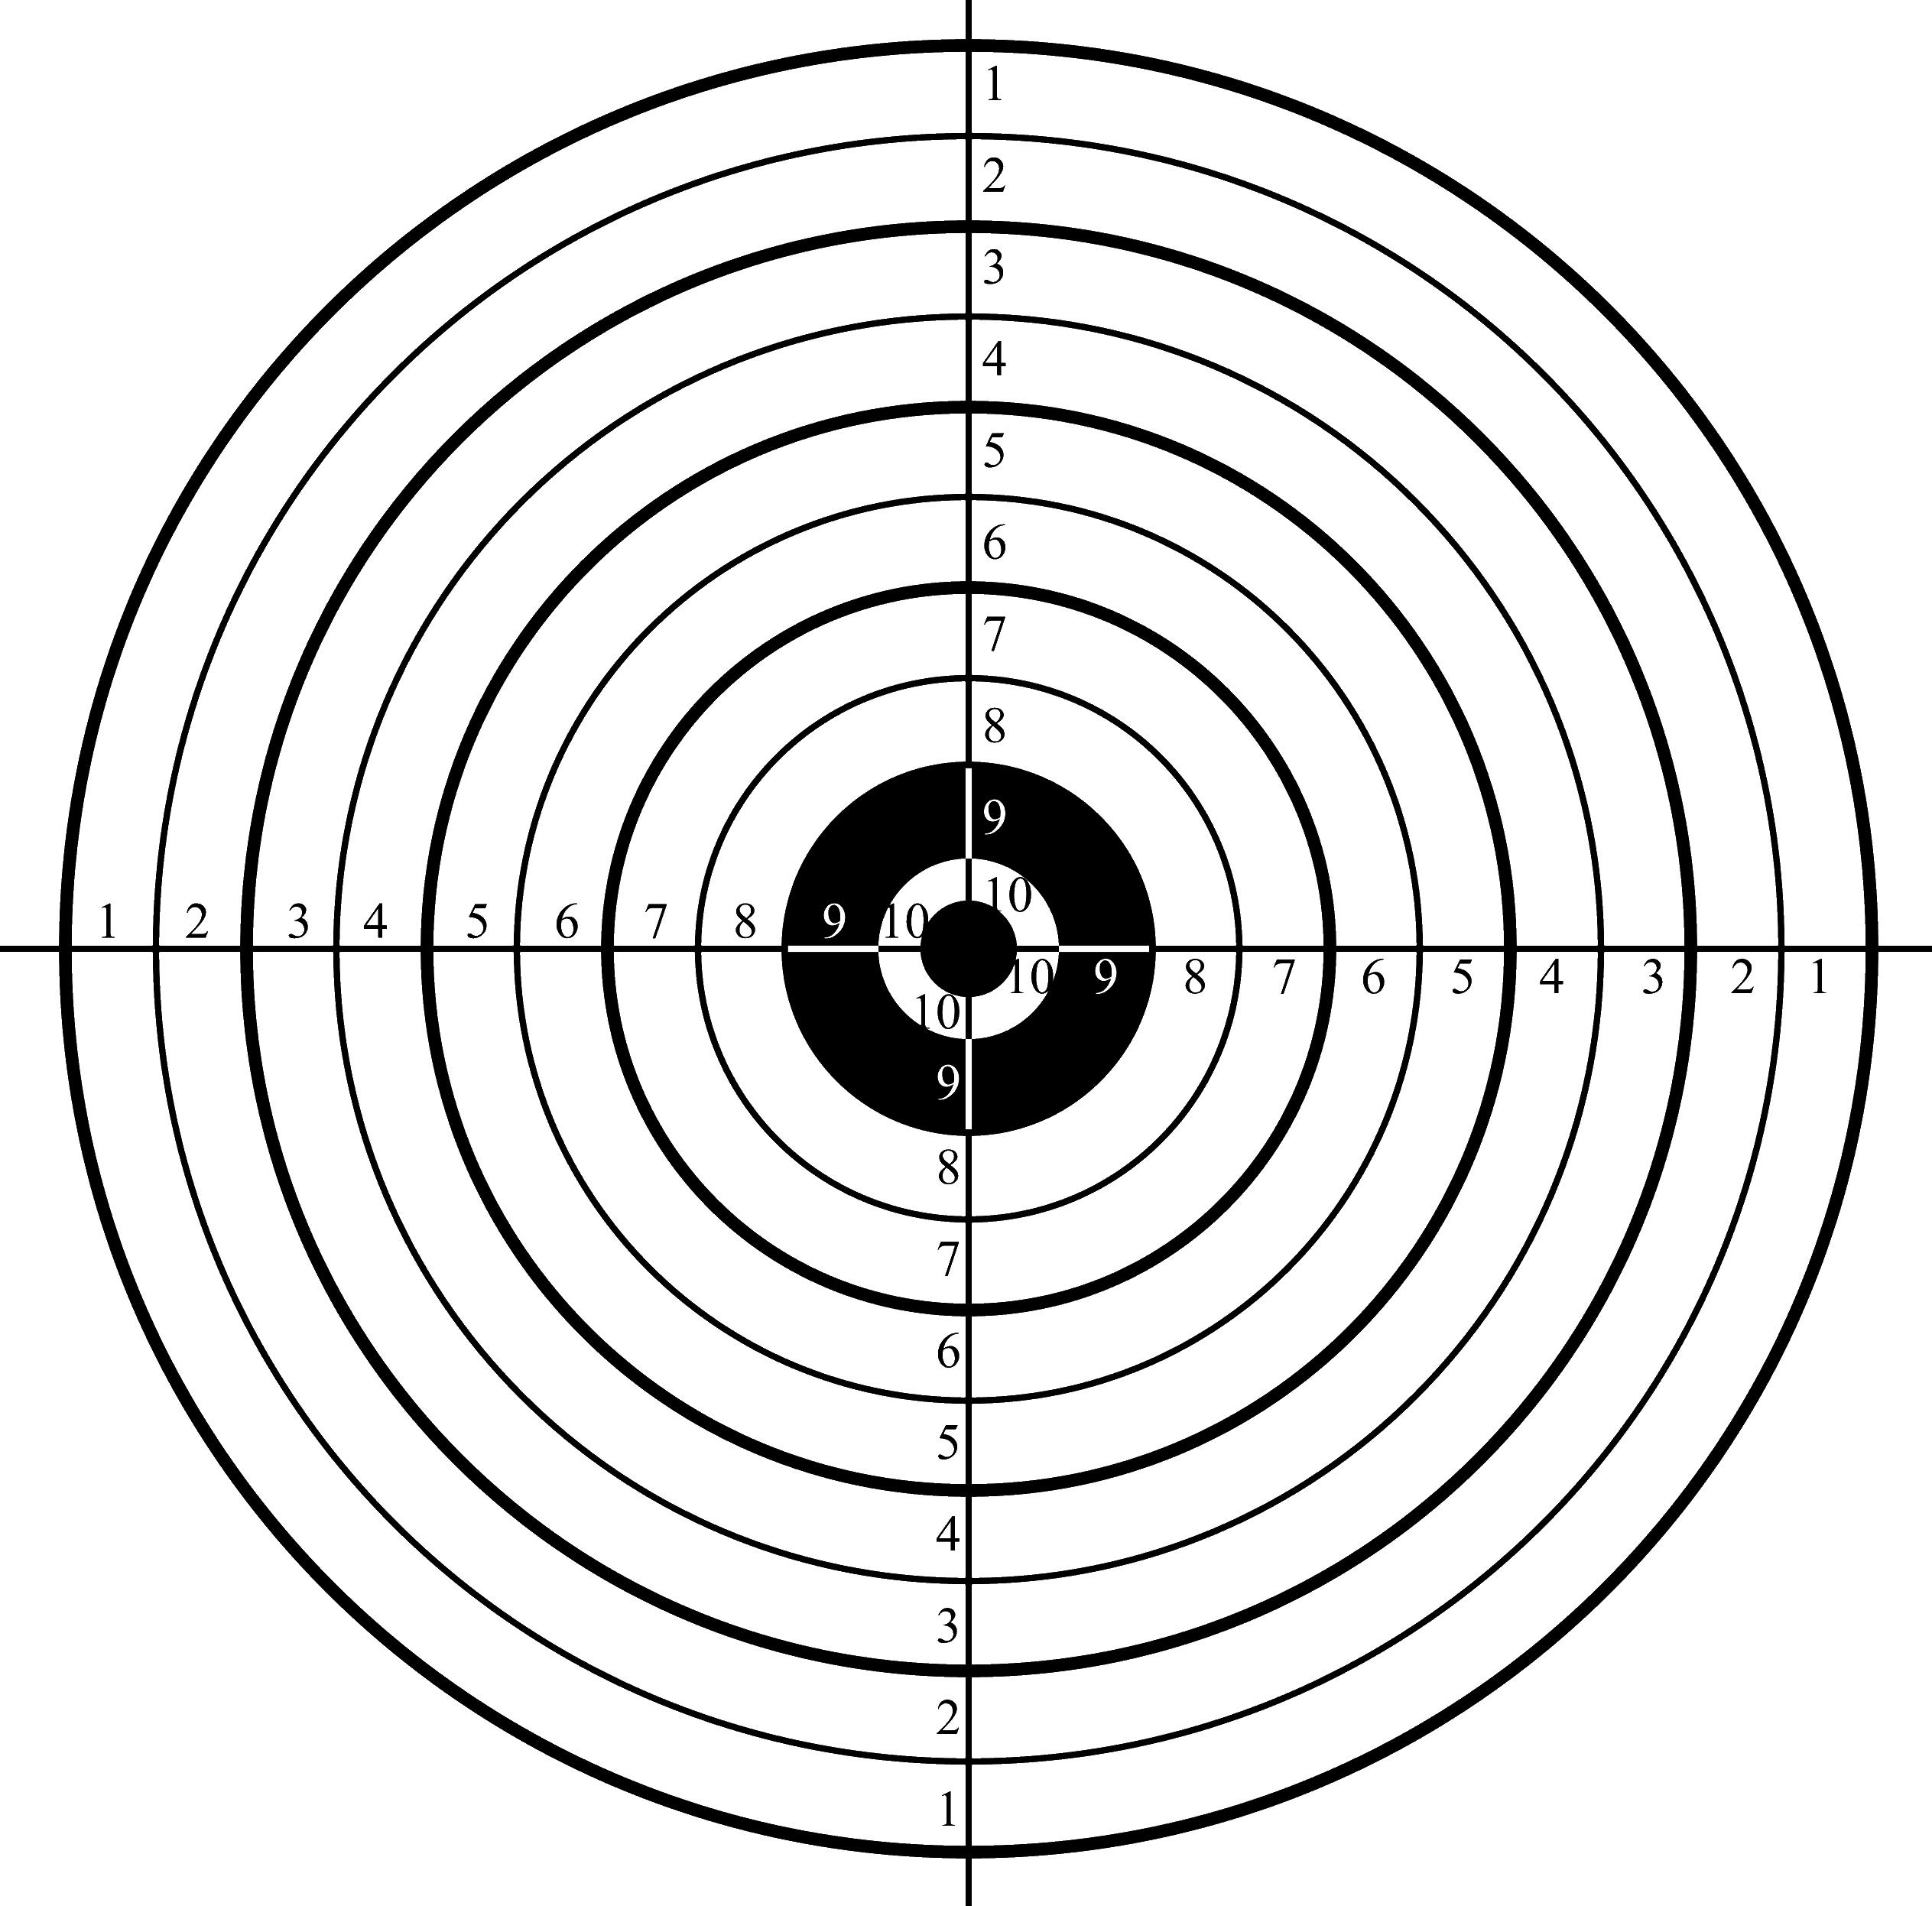 Printable Shooting Targets Pdf - Free Printable Shooting Targets